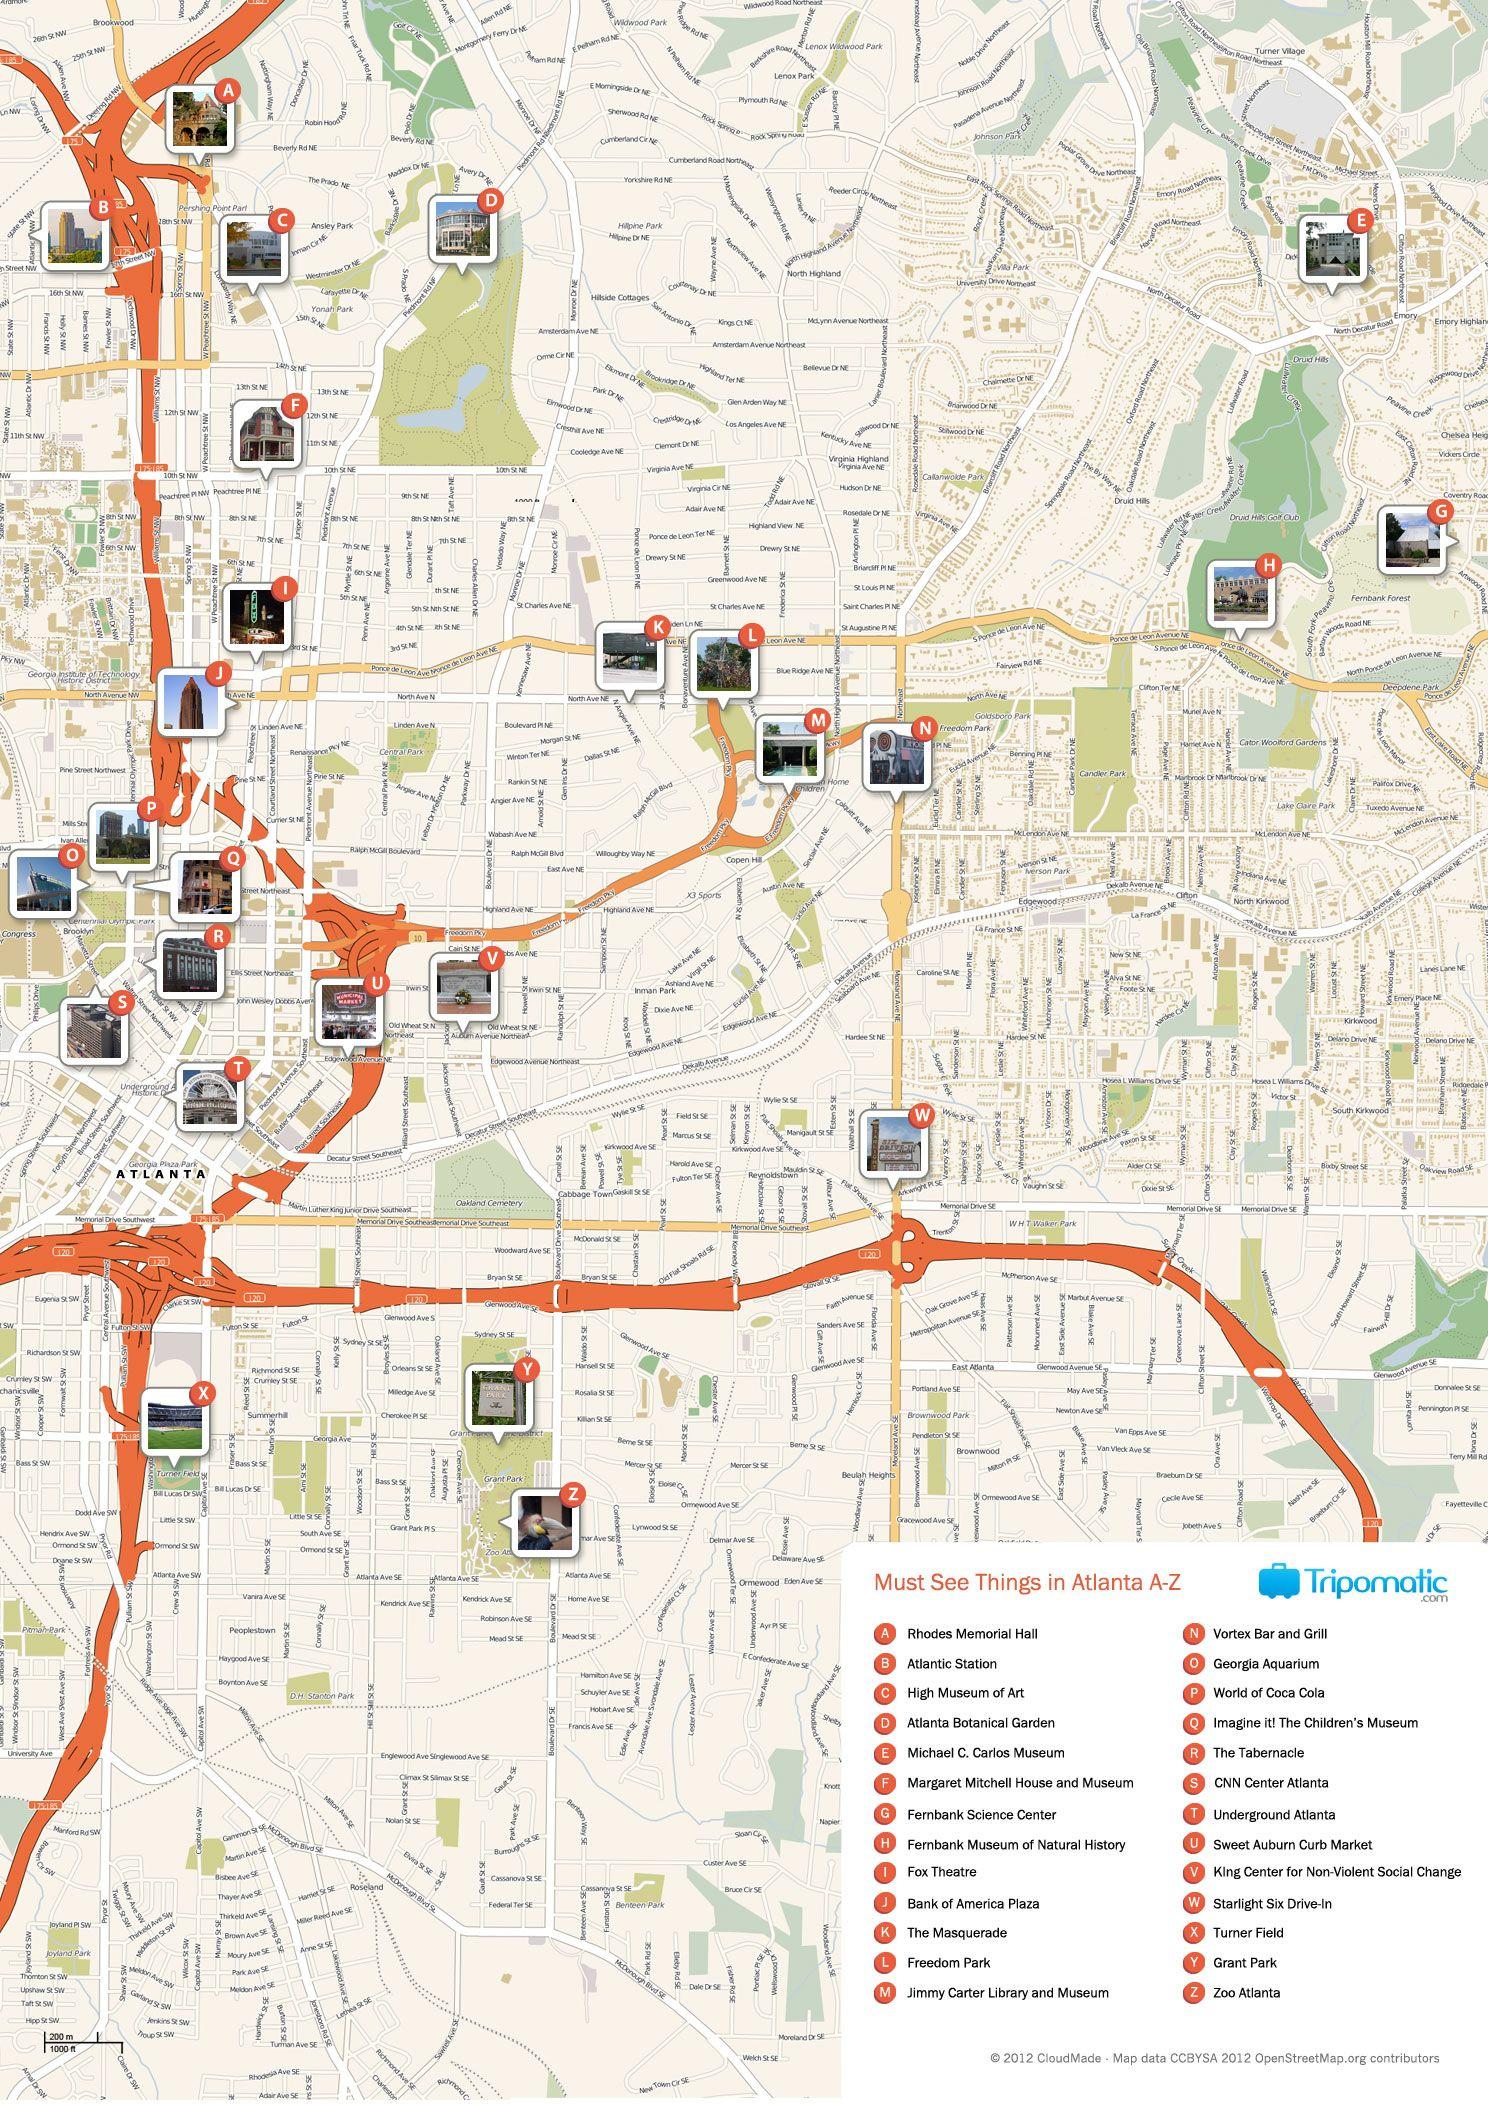 Atlanta Printable Tourist Map | Free Tourist Maps ✈ | Pinterest - Printable Map Of Columbus Ga